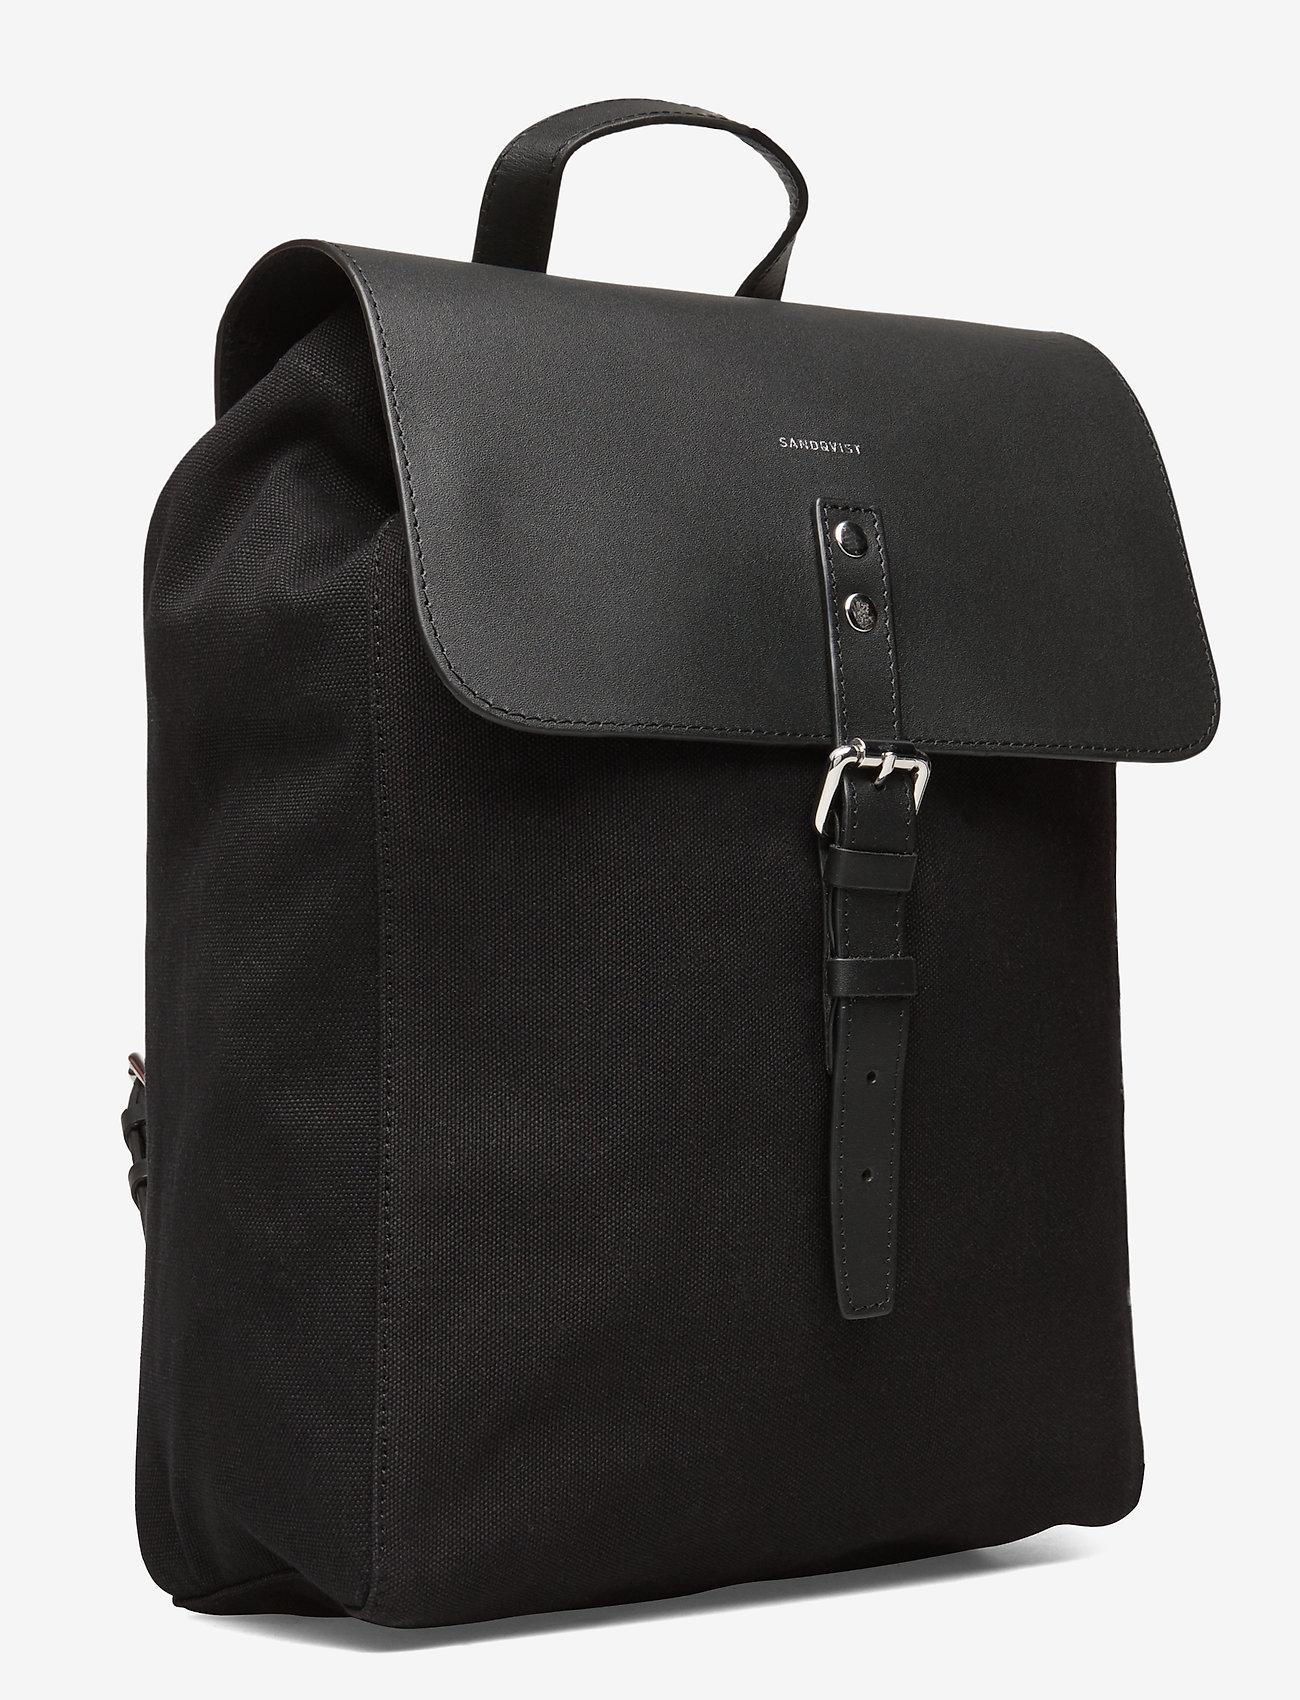 SANDQVIST - ALVA - nieuwe mode - black - 2